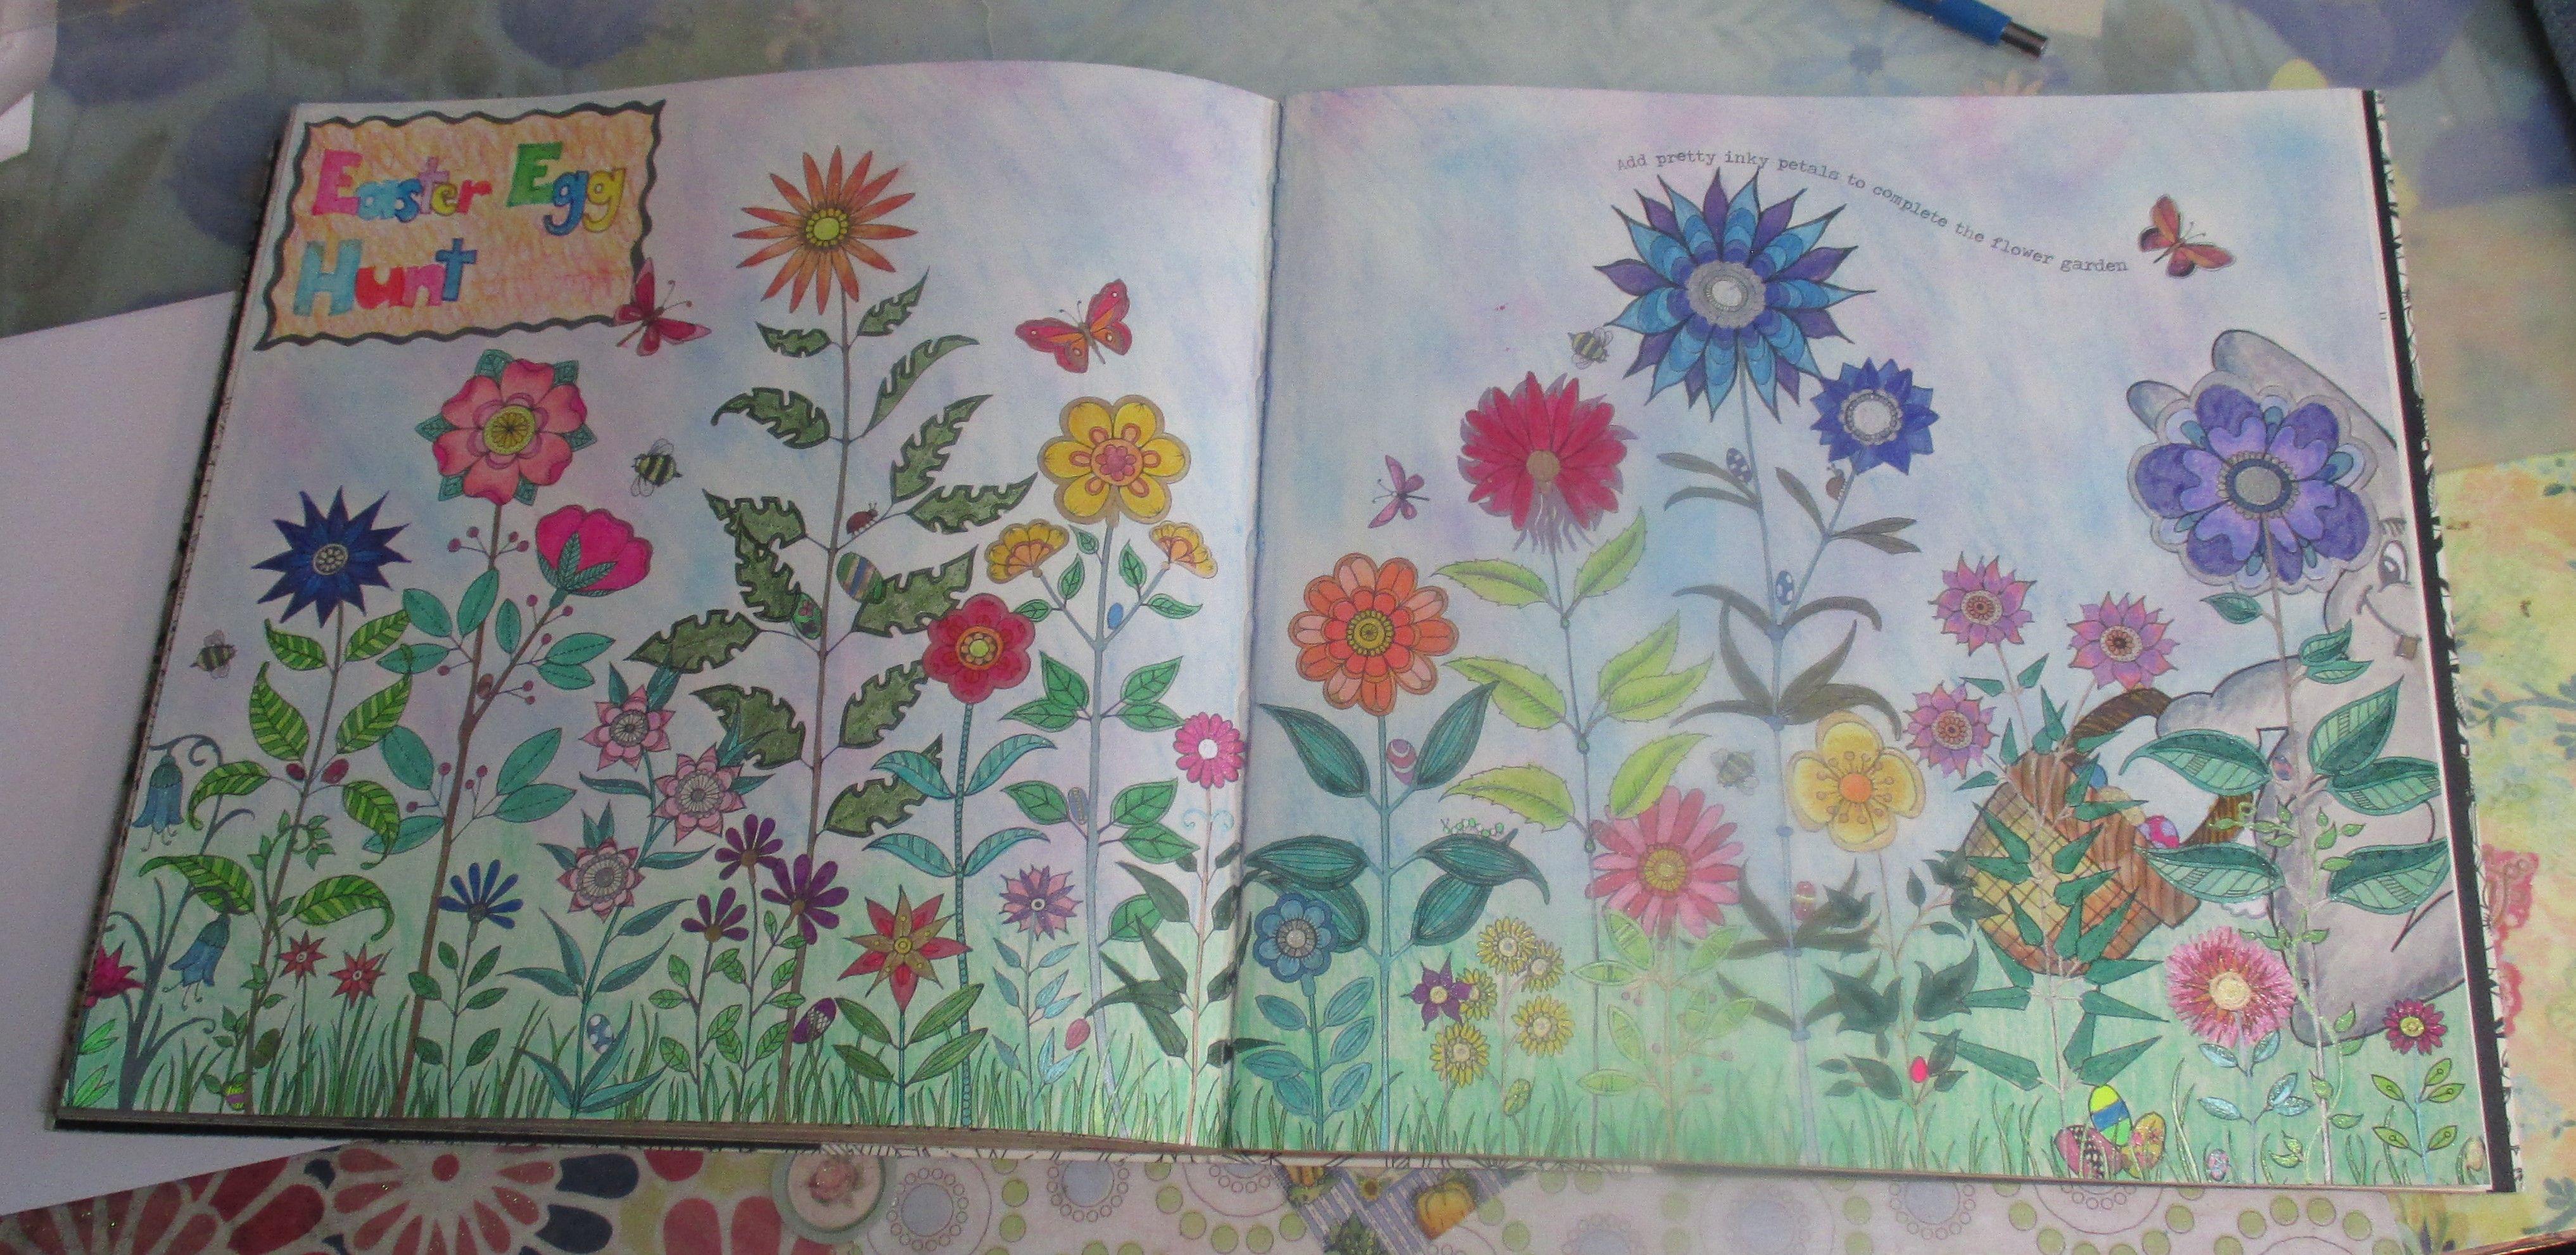 The secret garden coloring book target - Johanna Basford Secret Garden Easter Bunny